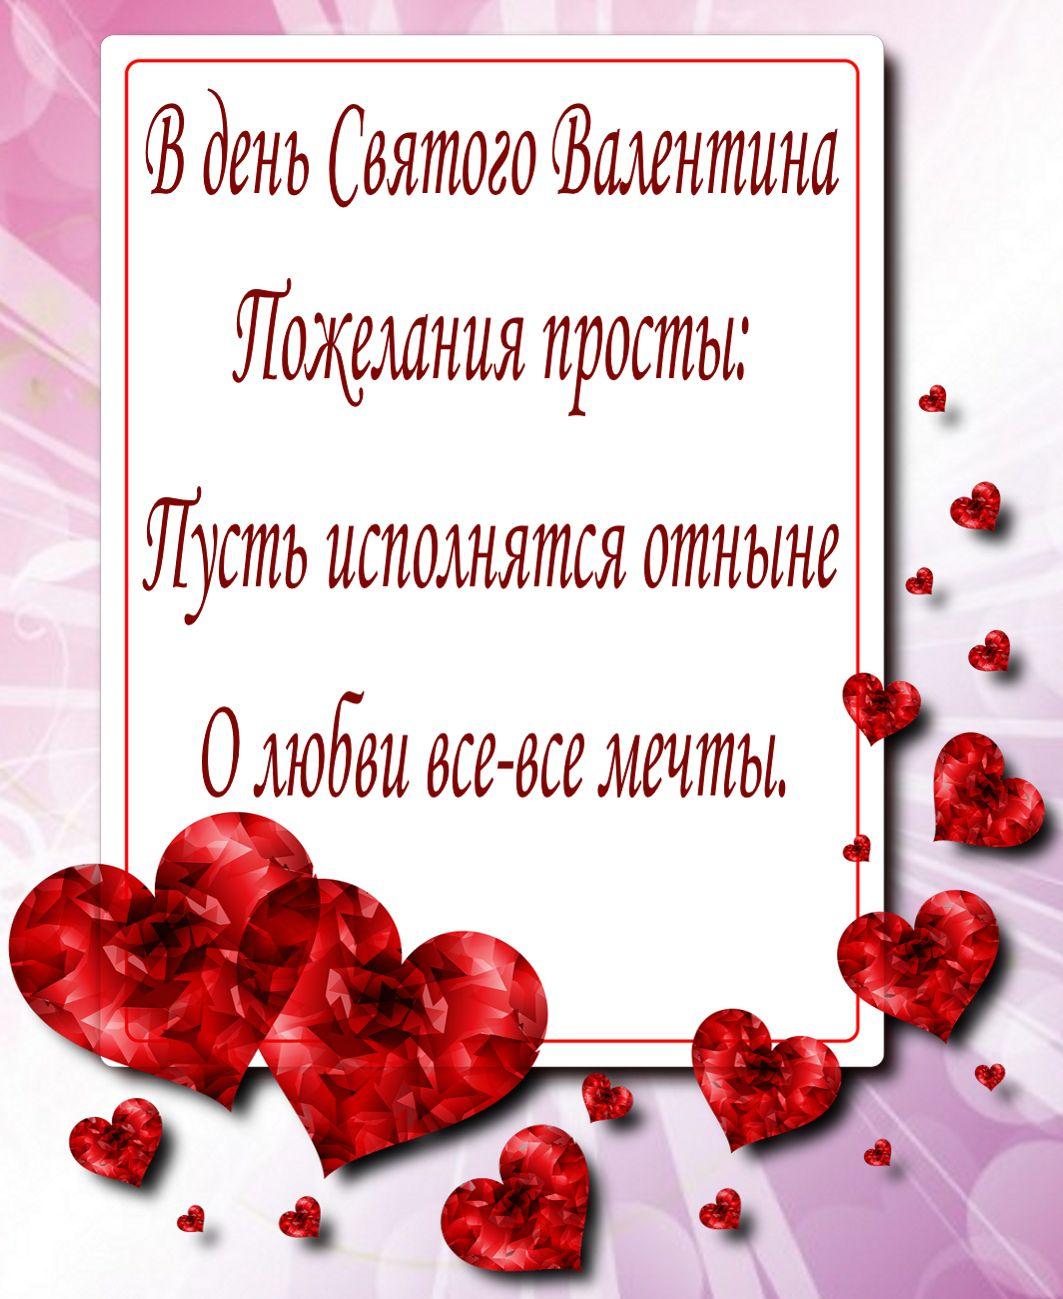 С днем святого валентина открытка друзьям